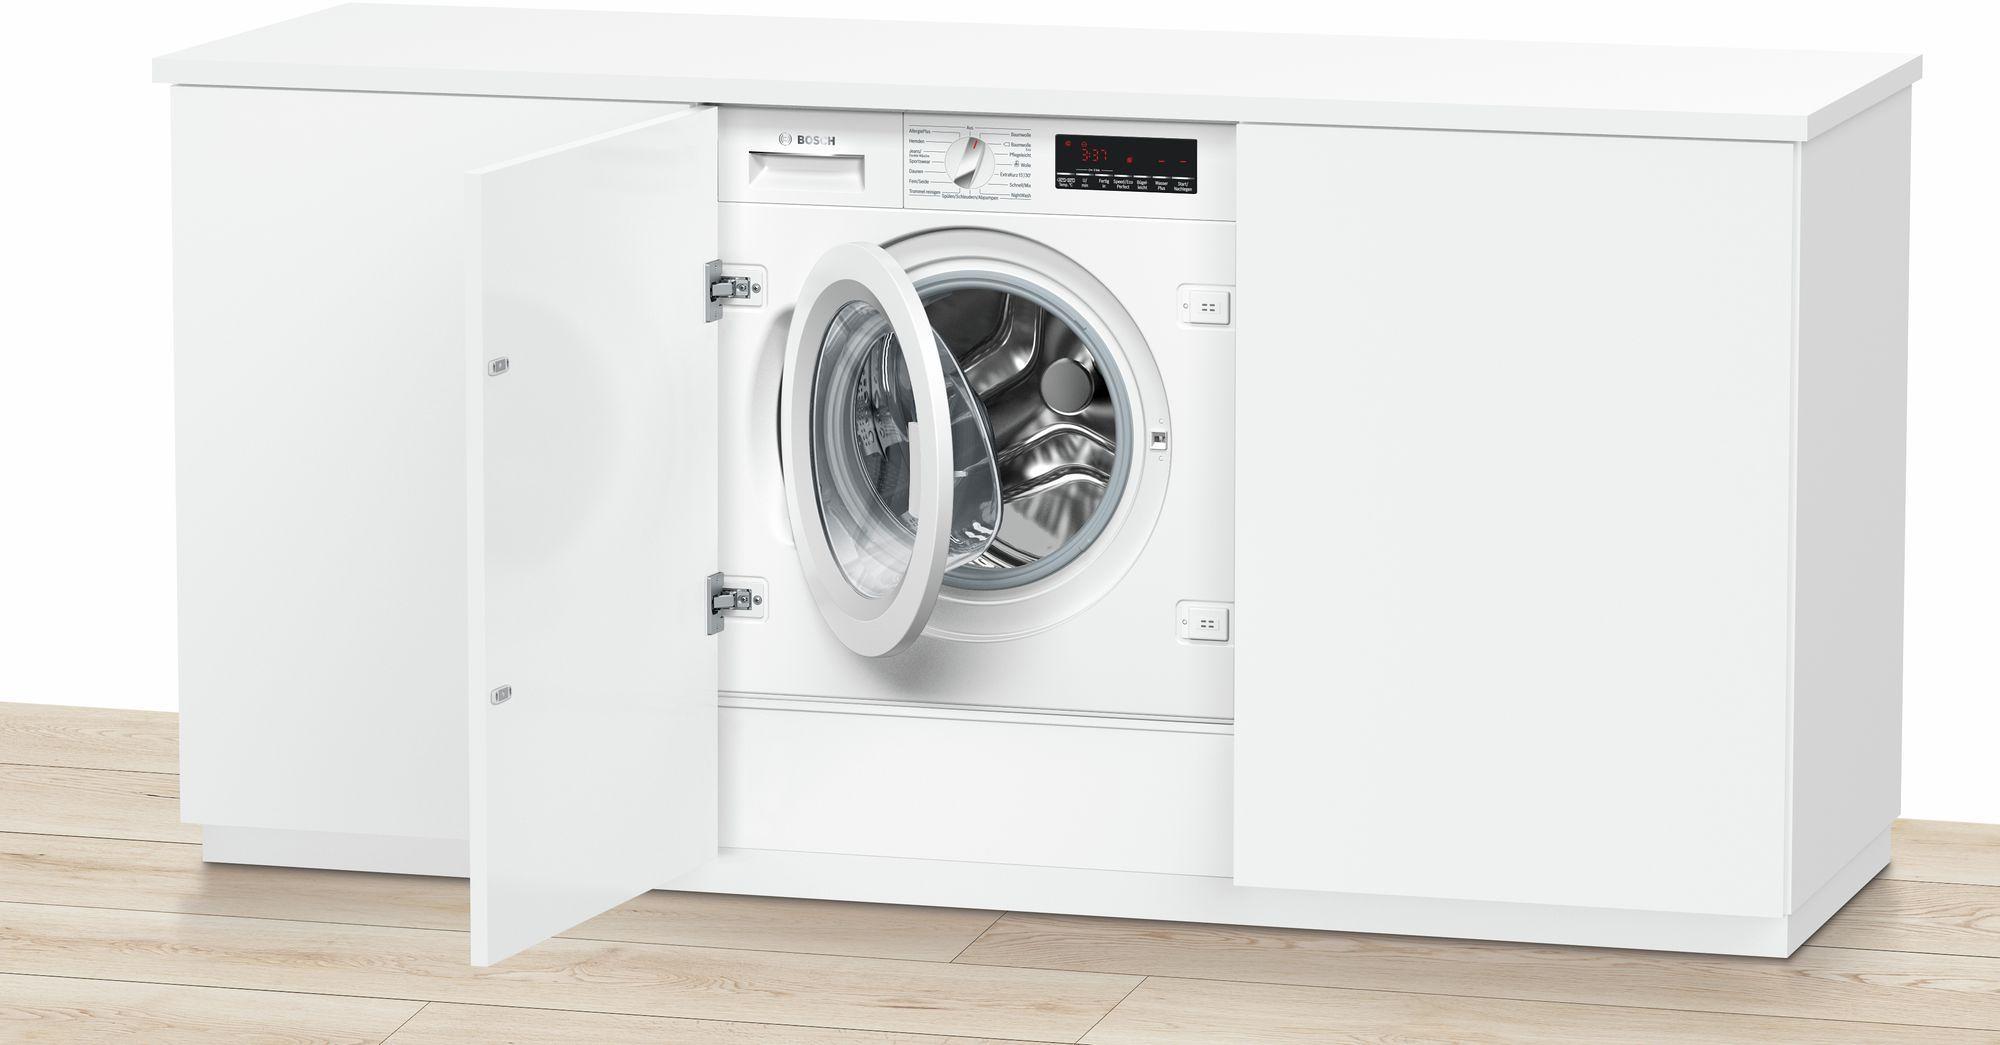 Bosch wuq waschmaschine im test